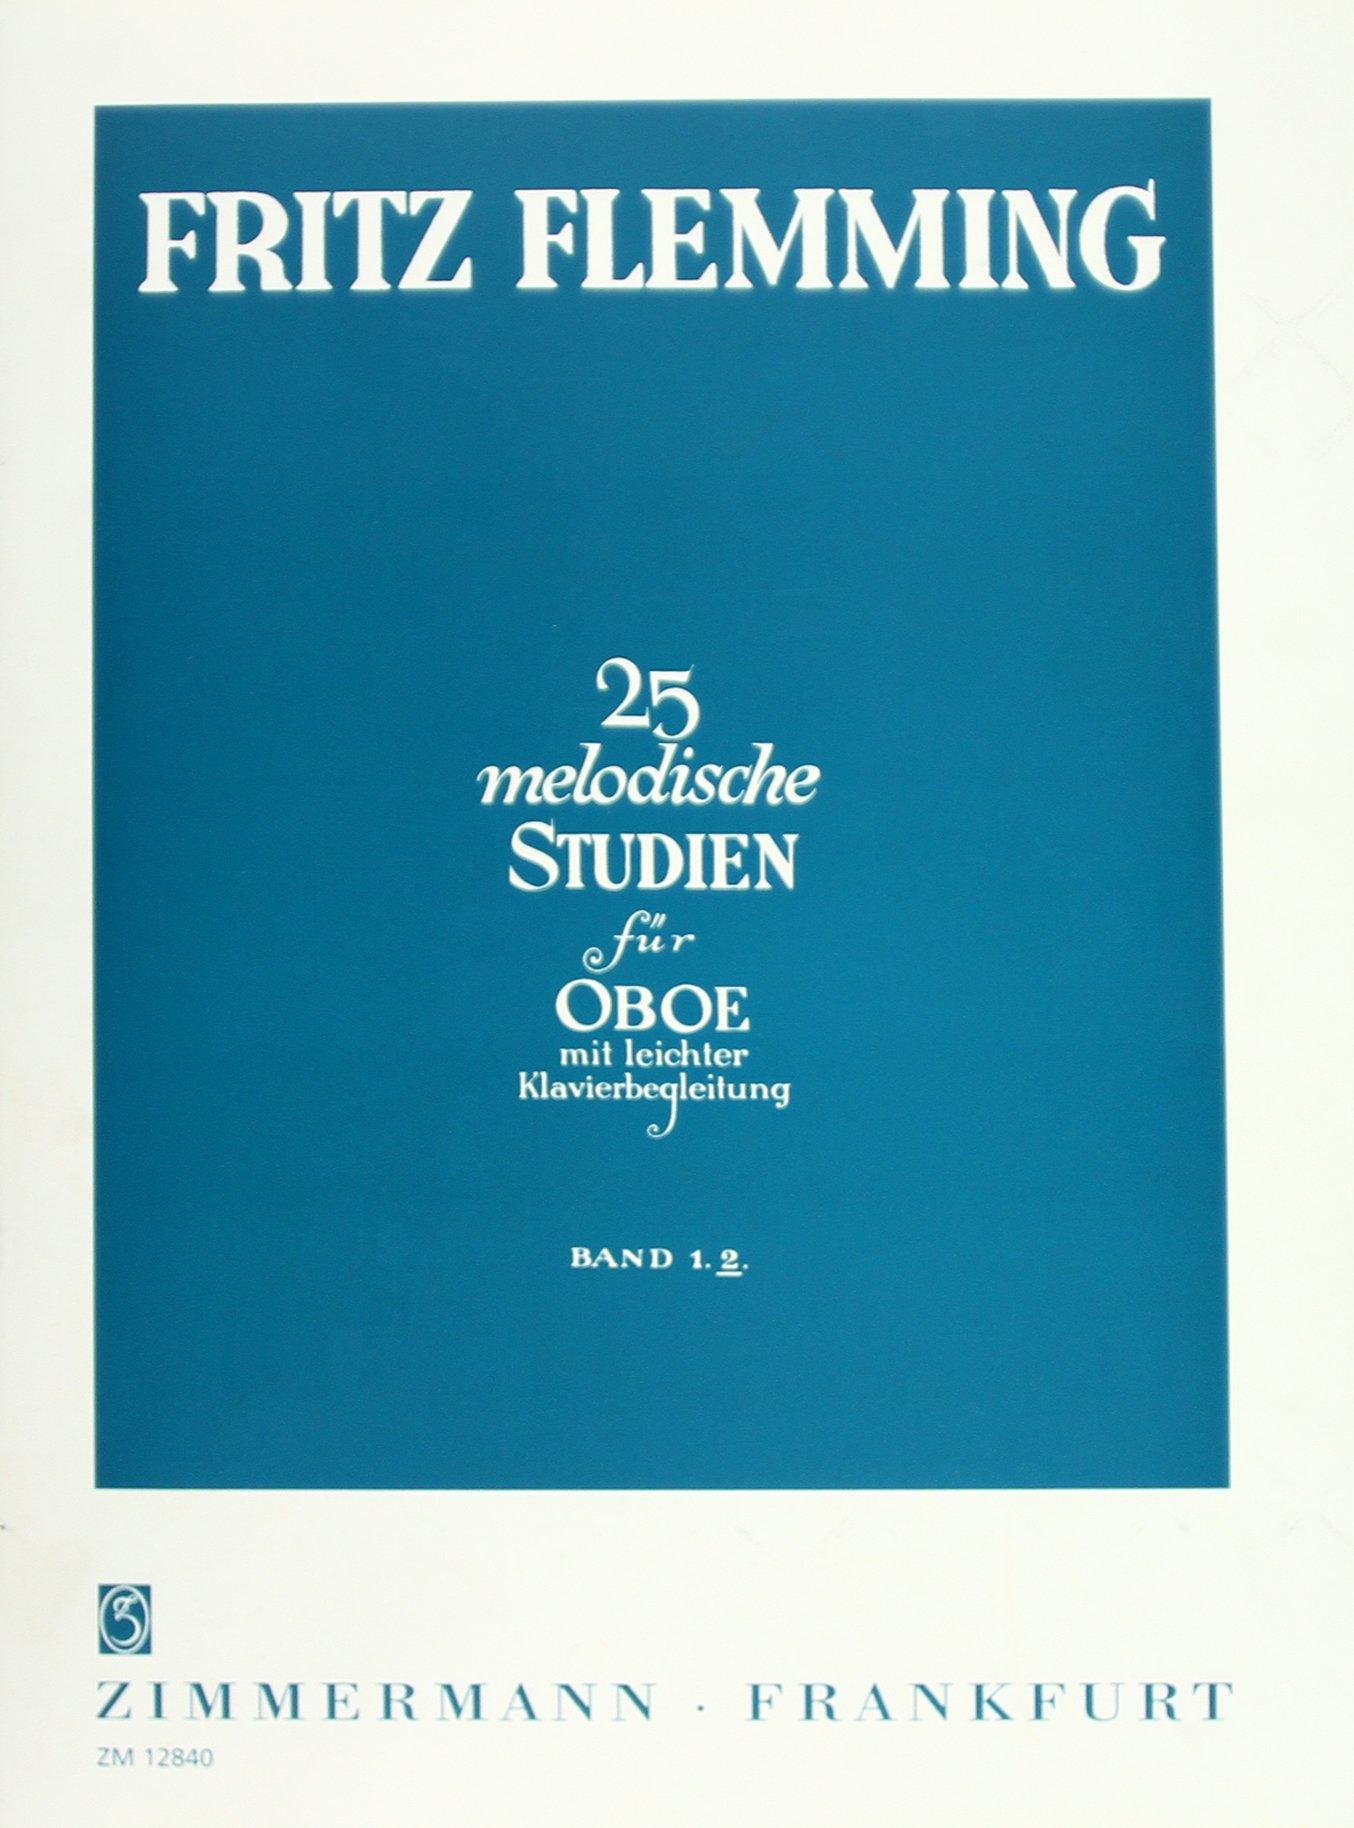 25 melodische Studien: Heft 2. Oboe und Klavier. Musiknoten – 1. April 2000 Fritz Flemming B00006M0HH NU-KAQ-00849791 Musikalien